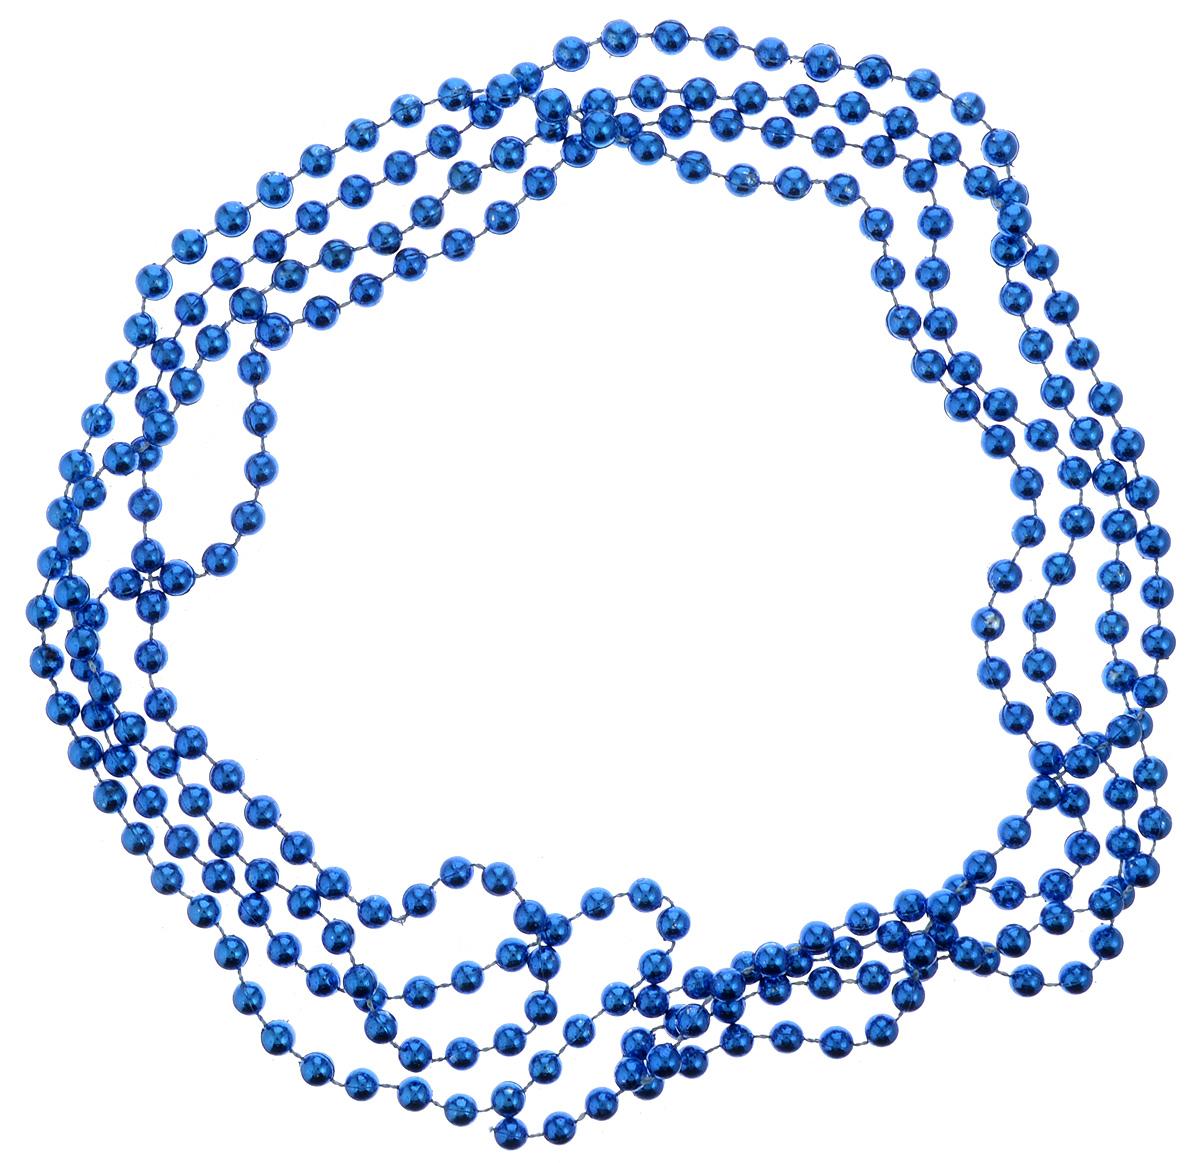 Украшение новогоднее B&H Бусы, цвет: синий, длина 2,5 мBH1048_синийНовогоднее украшение B&H Бусы, изготовленное из высококачественного пластика, прекрасно подойдет для декора дома или новогодней ели. Такие бусы создадут сказочную атмосферу и подарят ощущение праздника. Откройте для себя удивительный мир сказок. Почувствуйте волшебные минуты ожидания праздника, создайте новогоднее настроение вашим родным и близким.